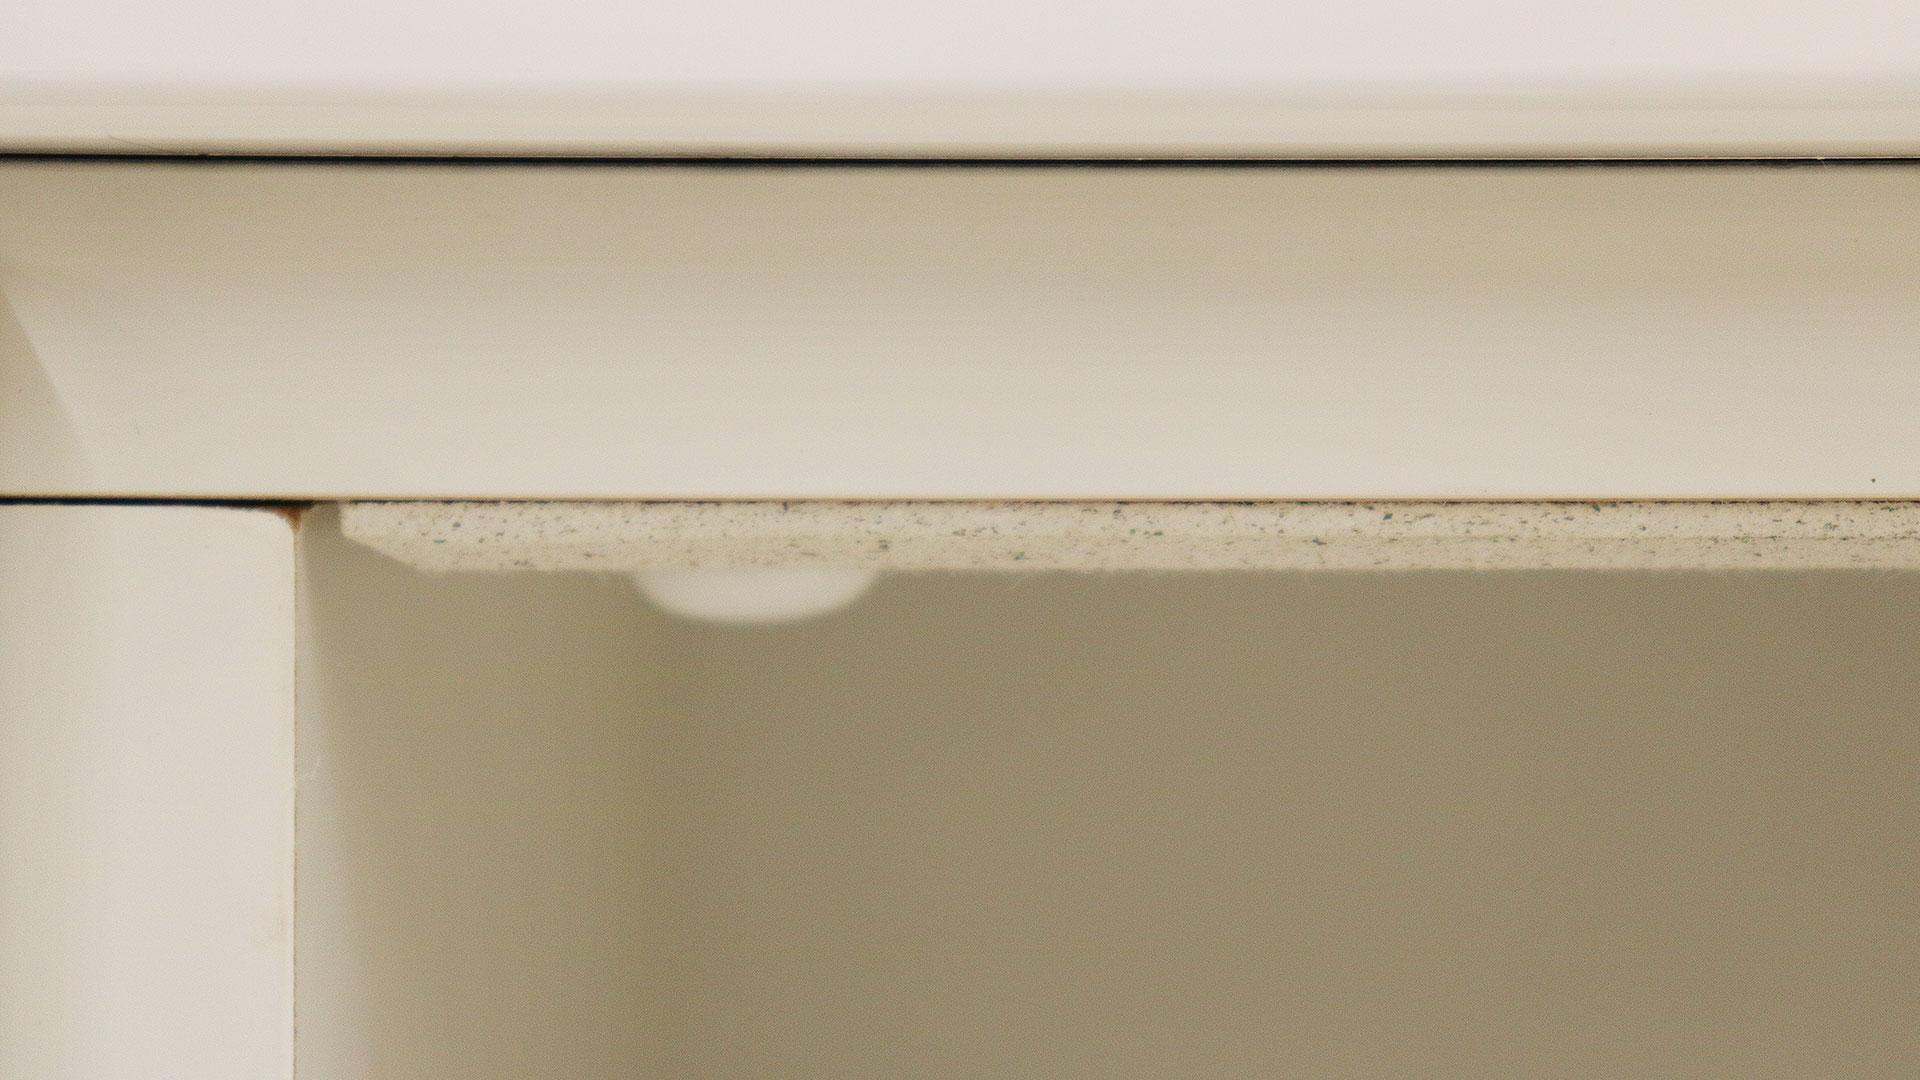 日本製の横幅90㎝のレンジ台食器棚トスティのモイスの正面画像